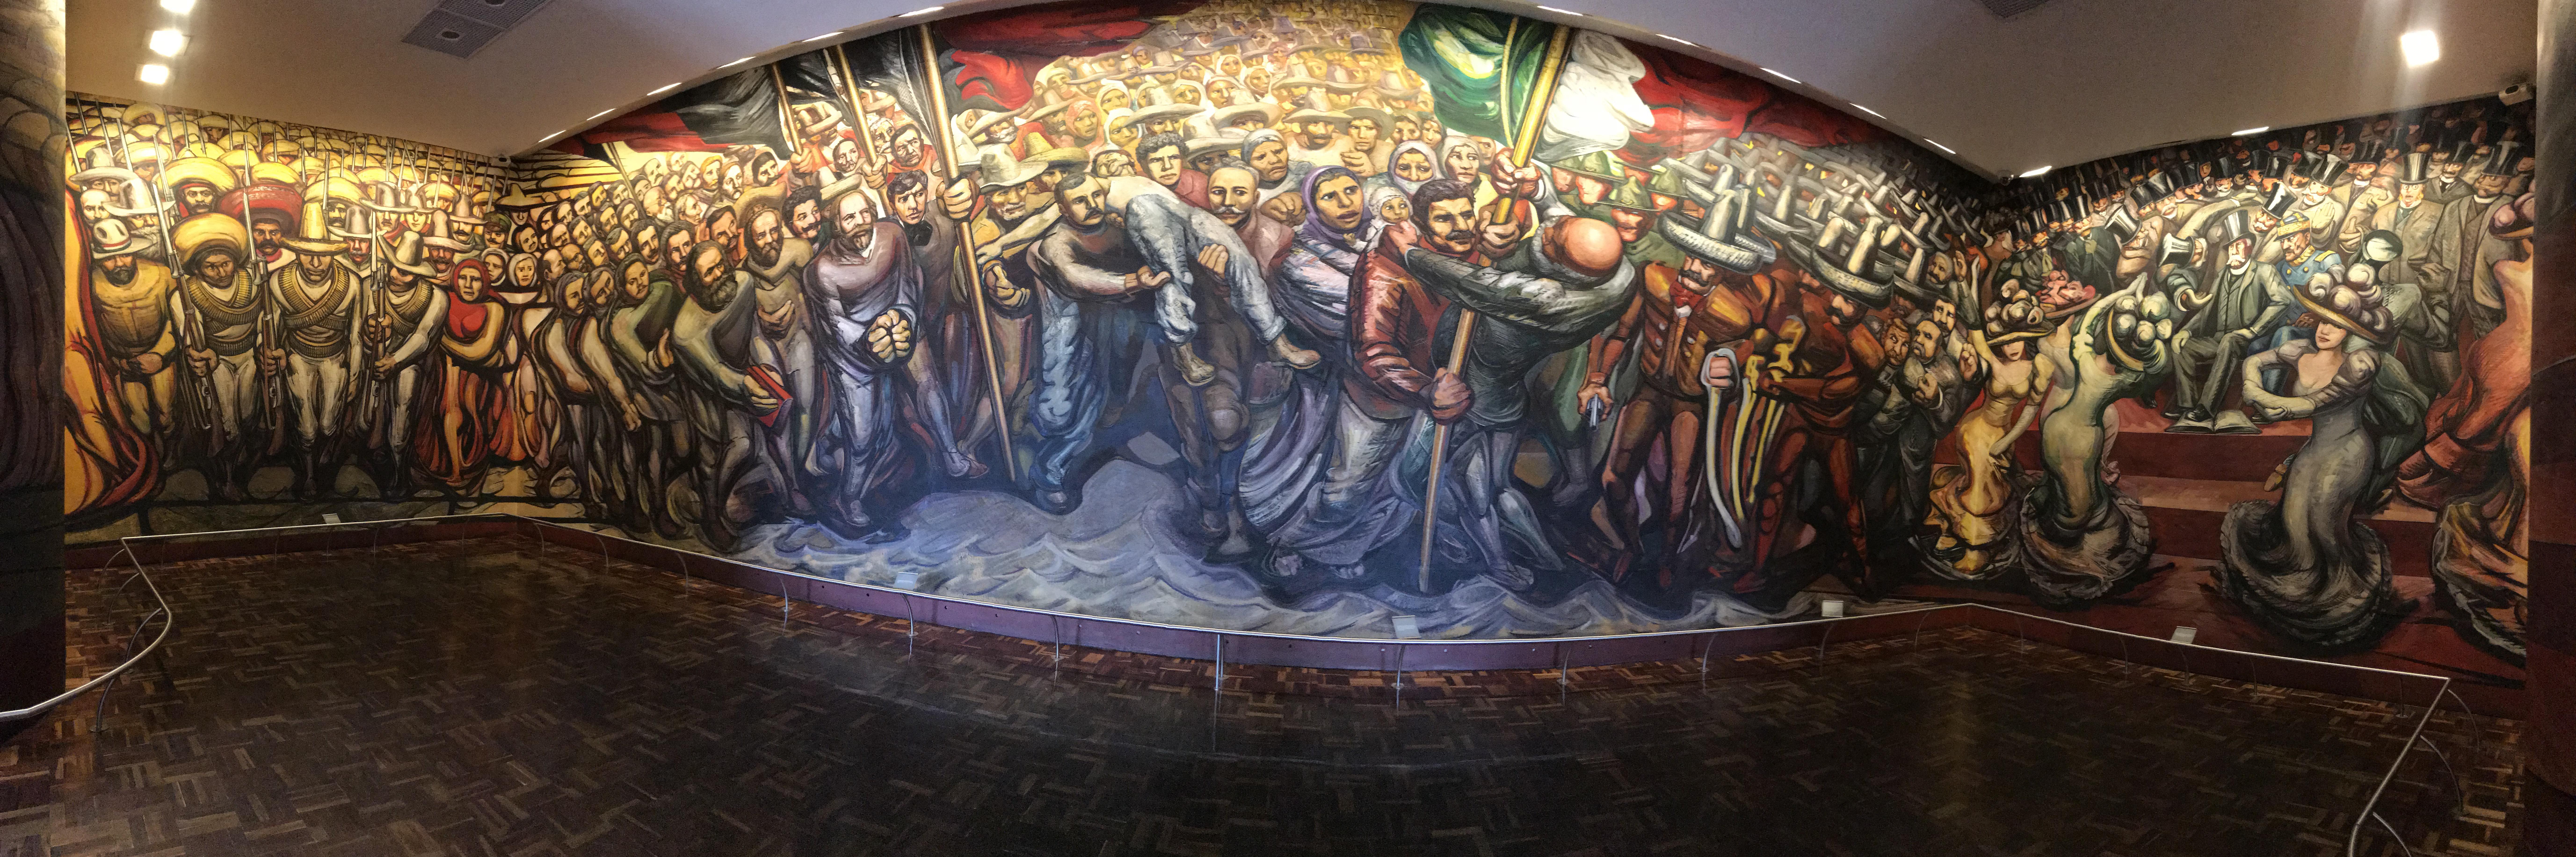 Mural Siqueiros Castillo